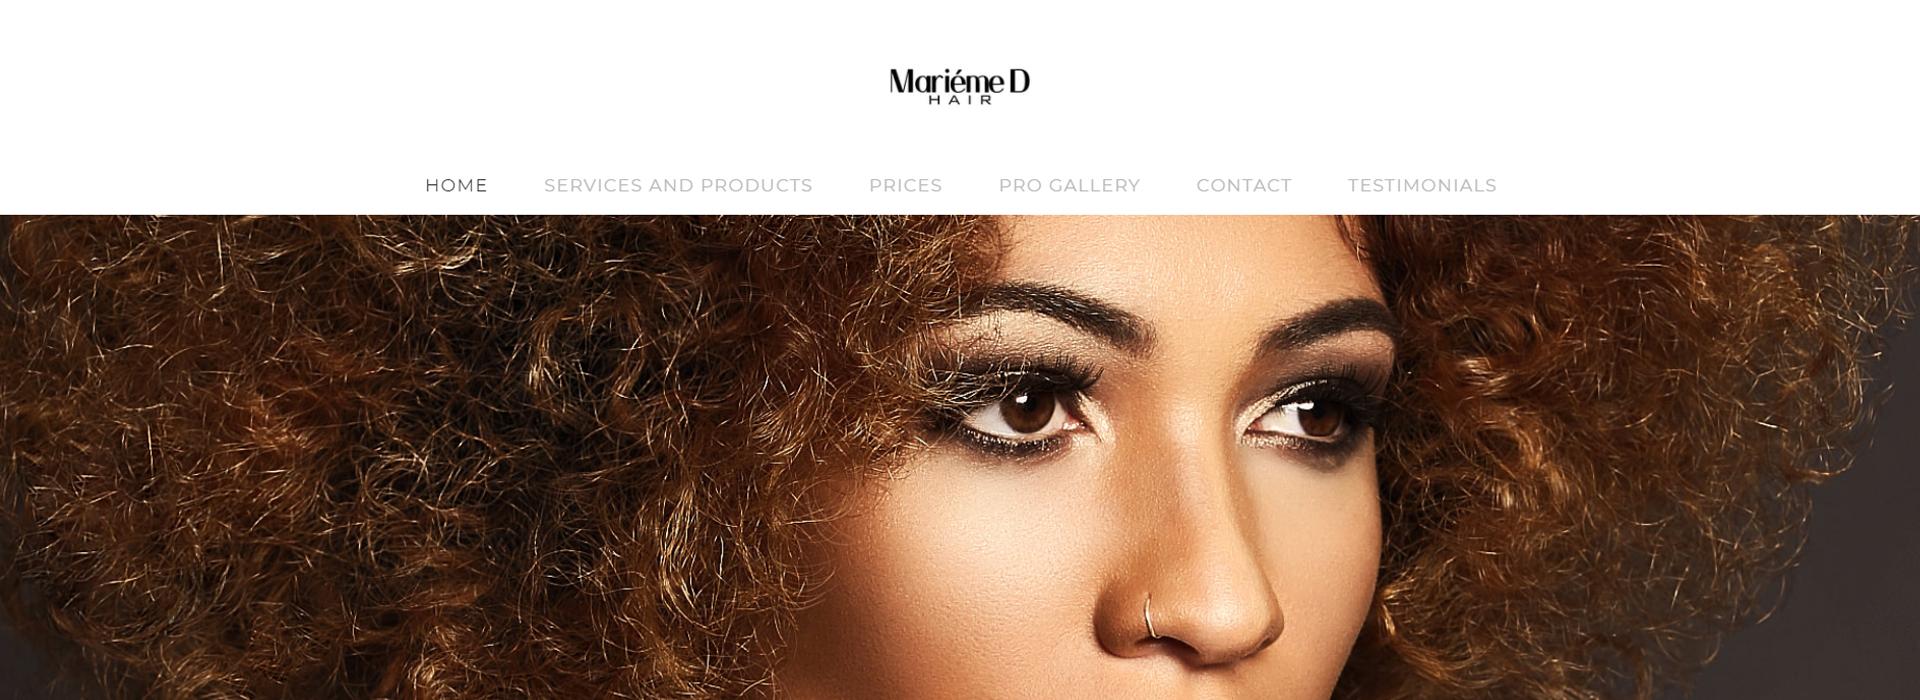 Marieme d hair